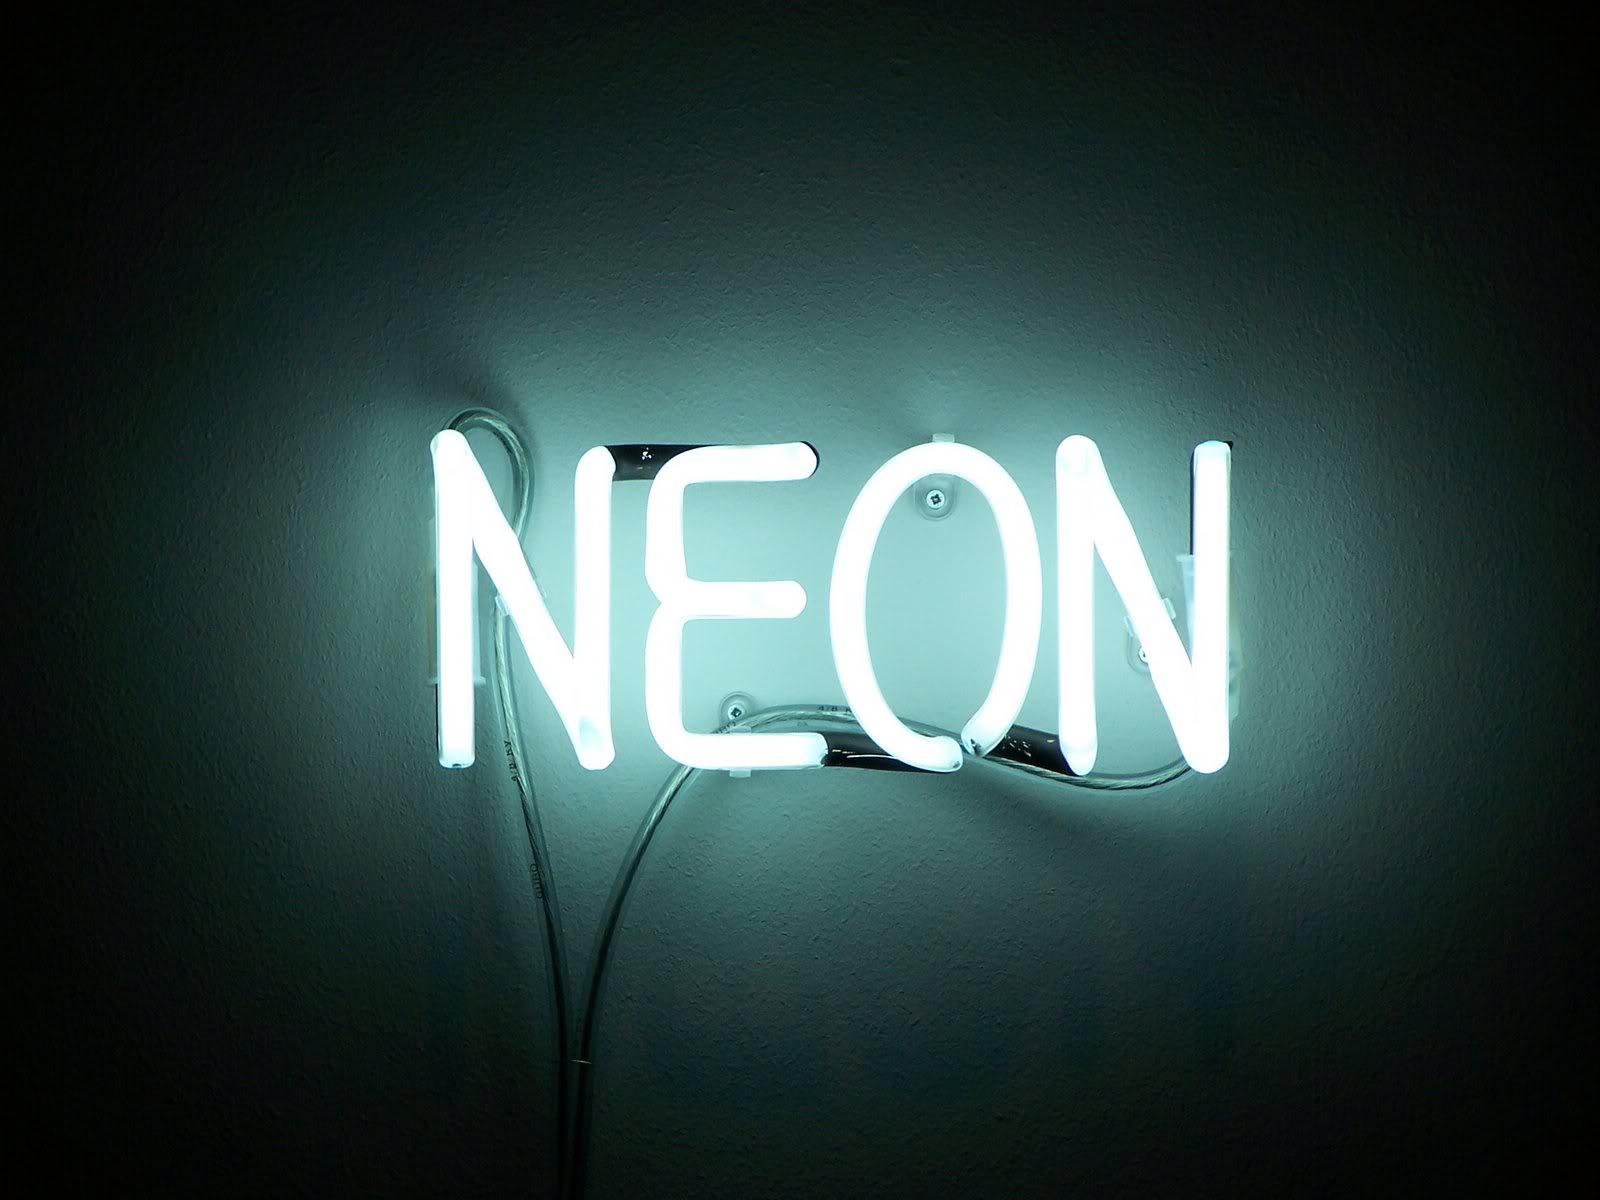 neon wallpaper 11001